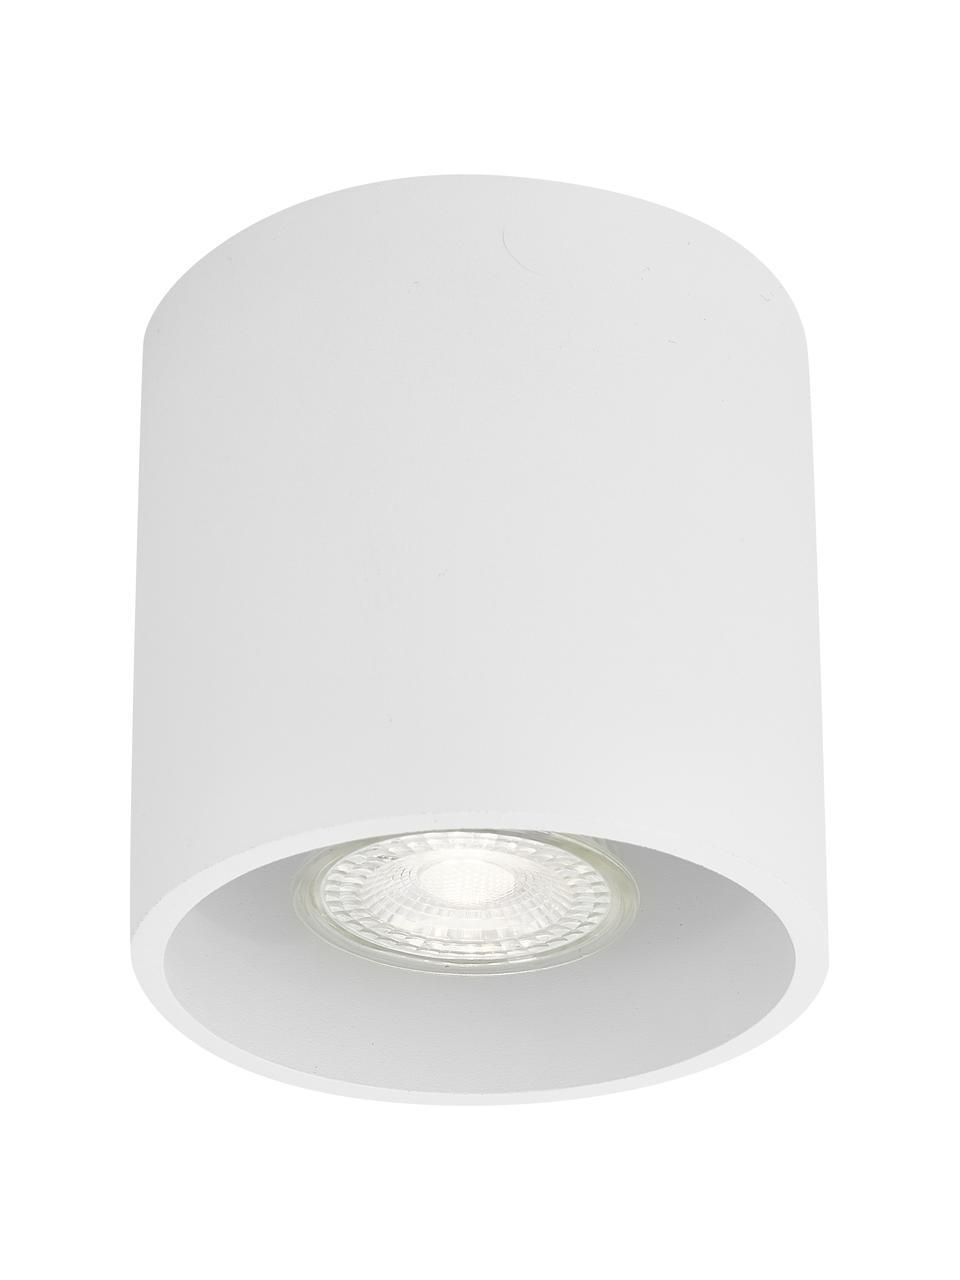 Faretto da soffitto bianco Roda, Lampada: alluminio rivestito, Bianco, Ø 10 x Alt.10 cm